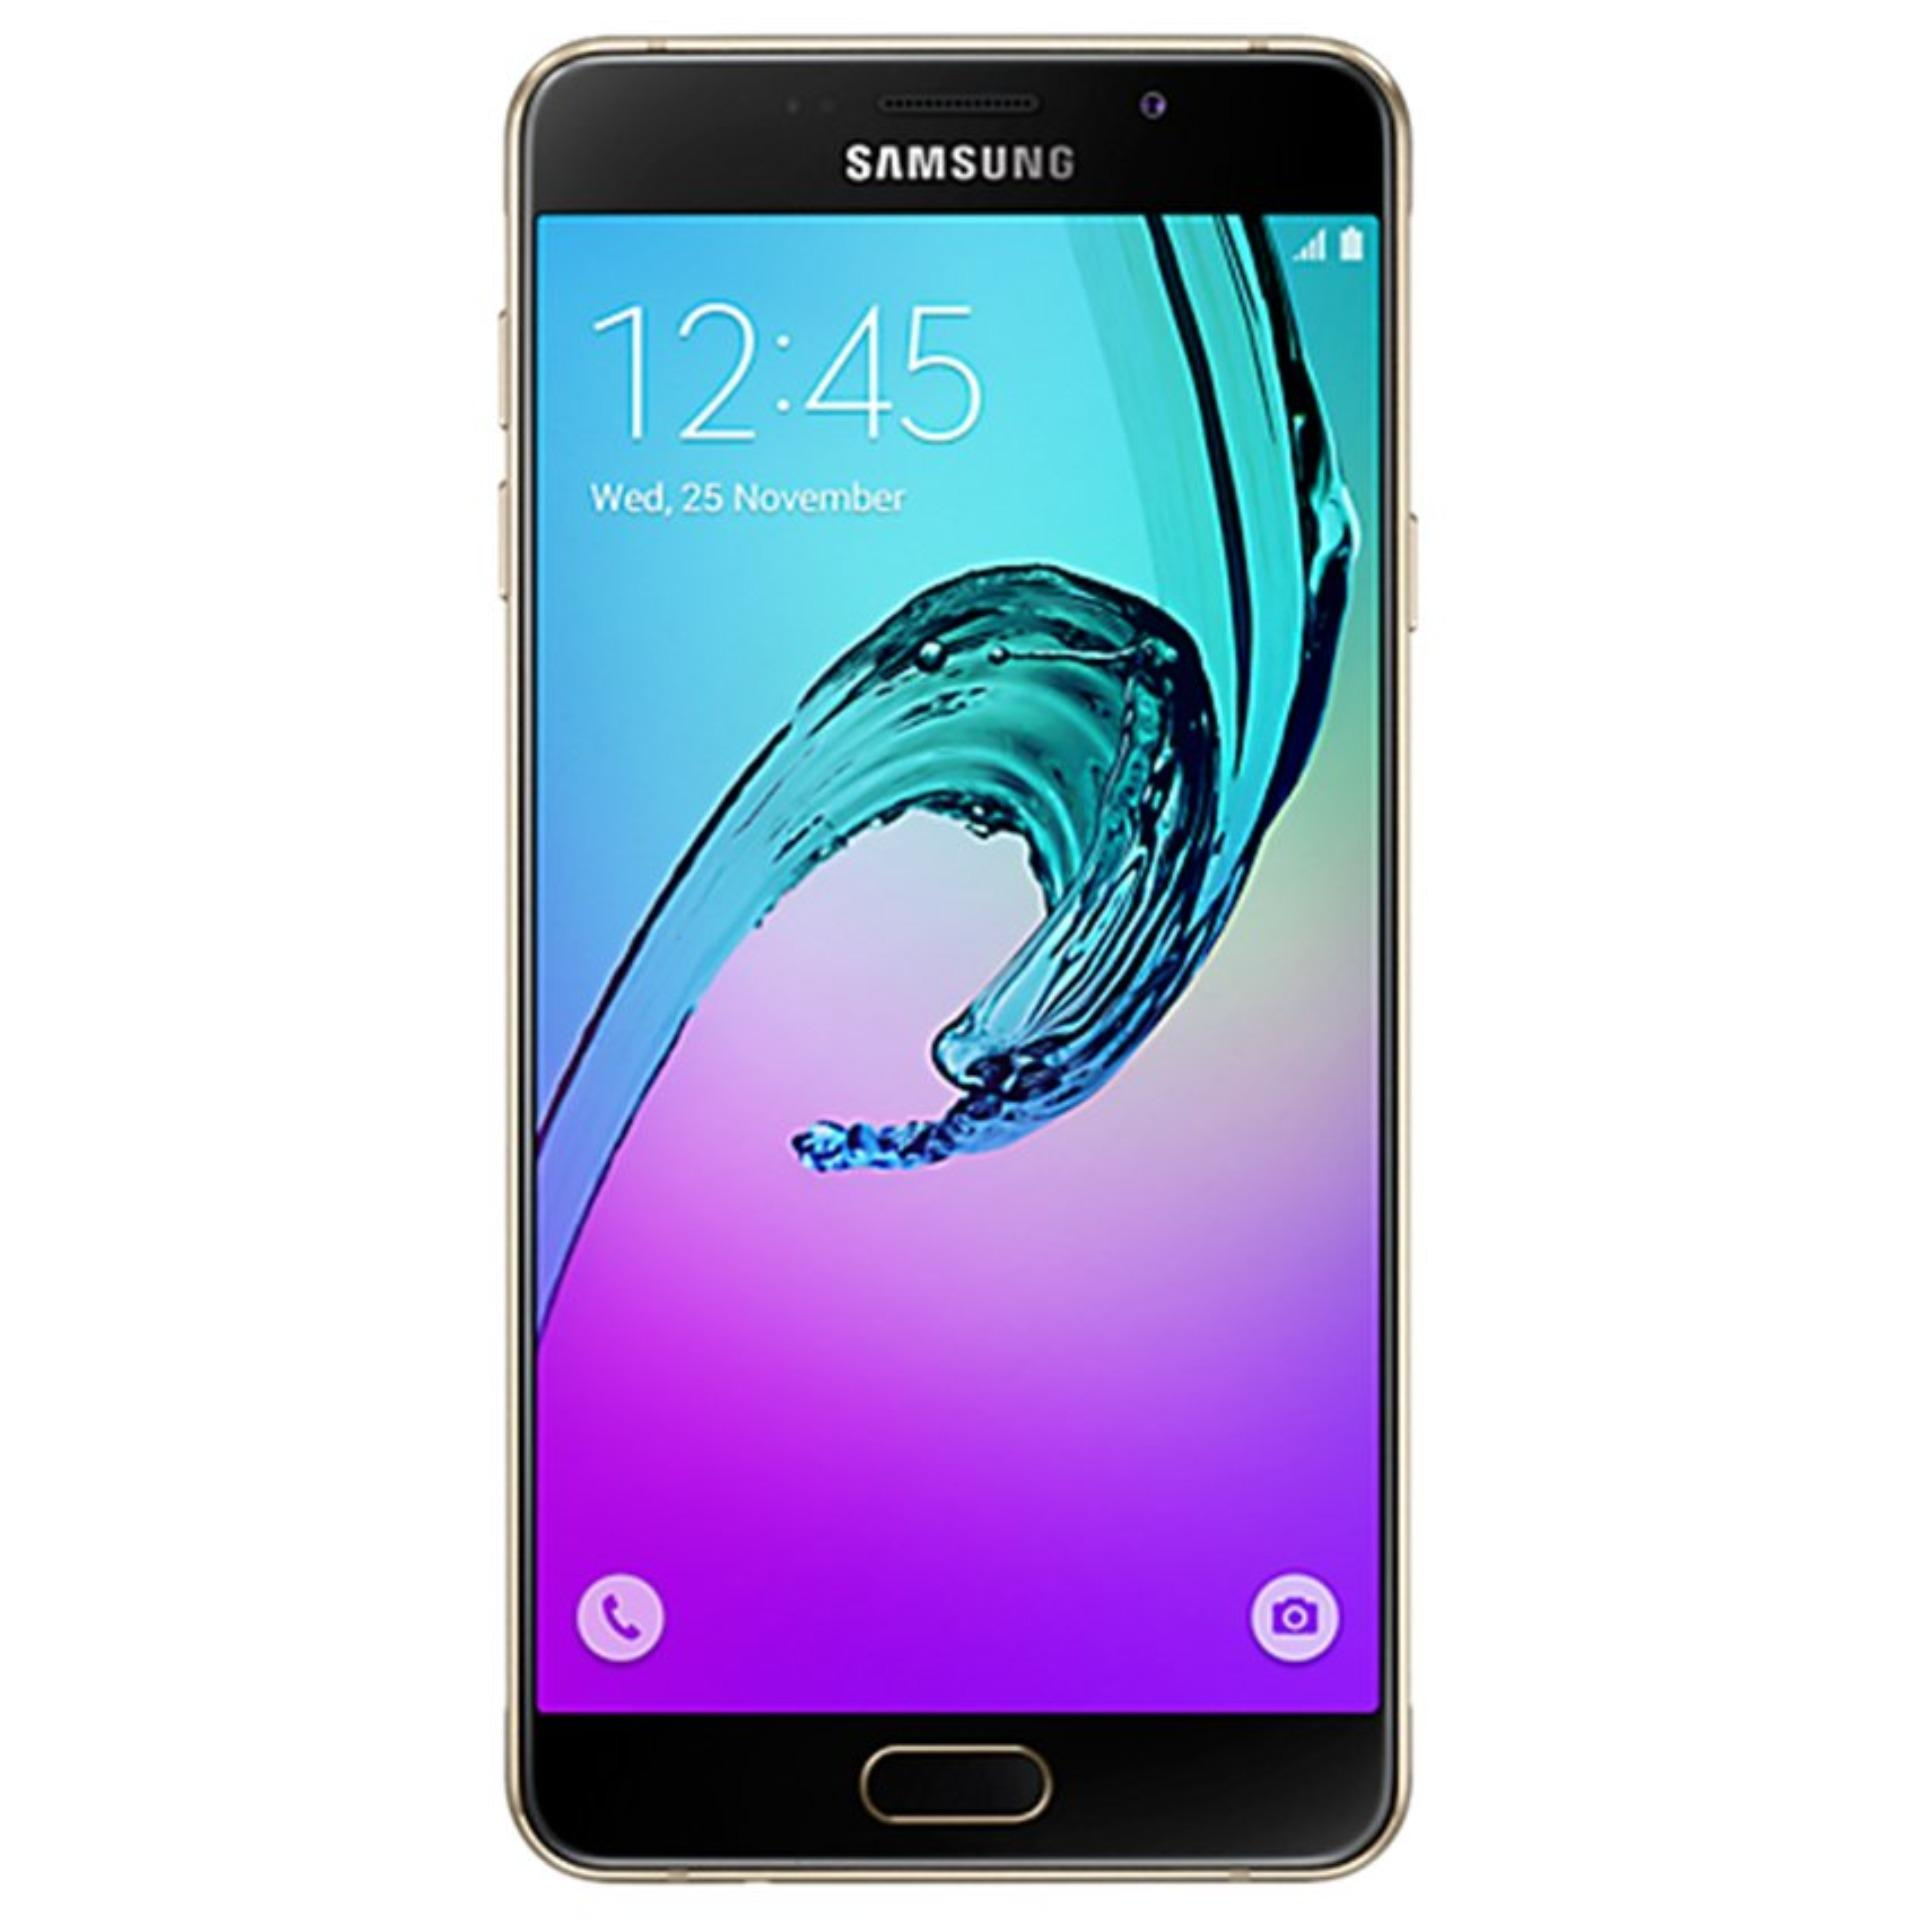 Mã Khuyến Mại Samsung Galaxy A7 2016 16Gb Vang Hang Phan Phối Chinh Thức Rẻ